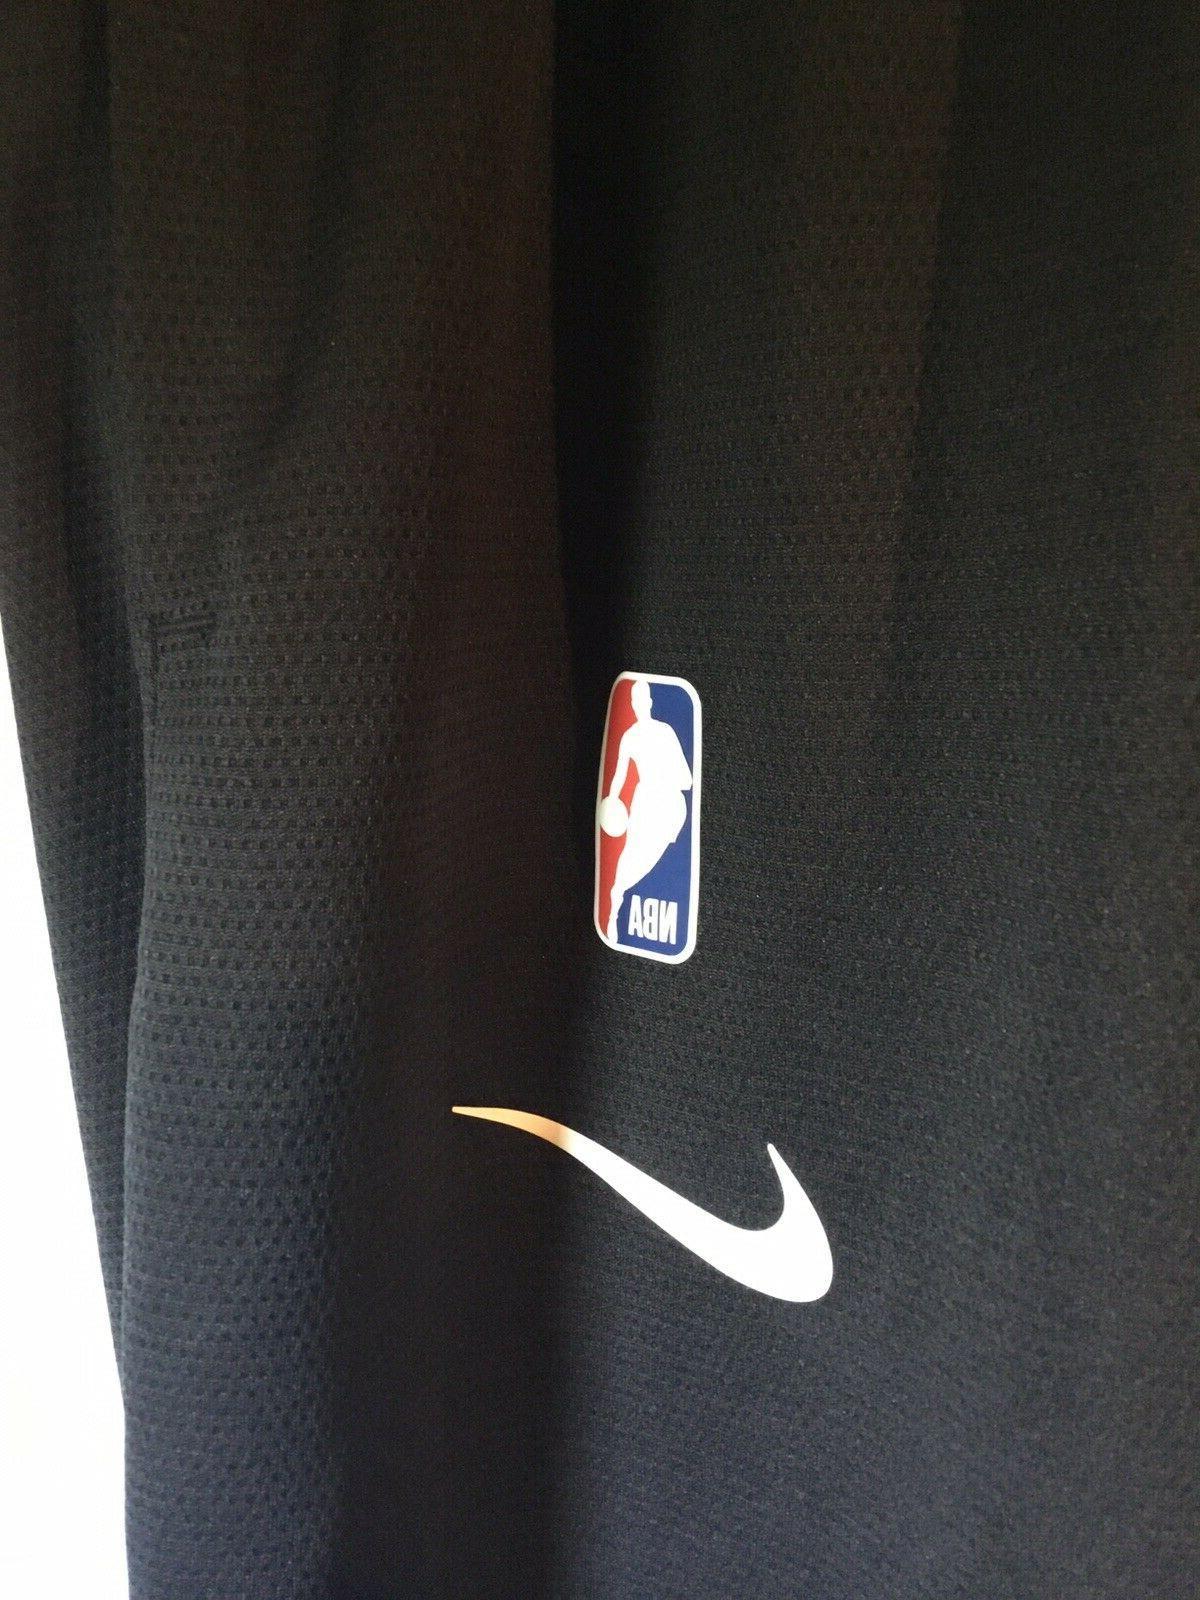 NBA portland trail blazers practice